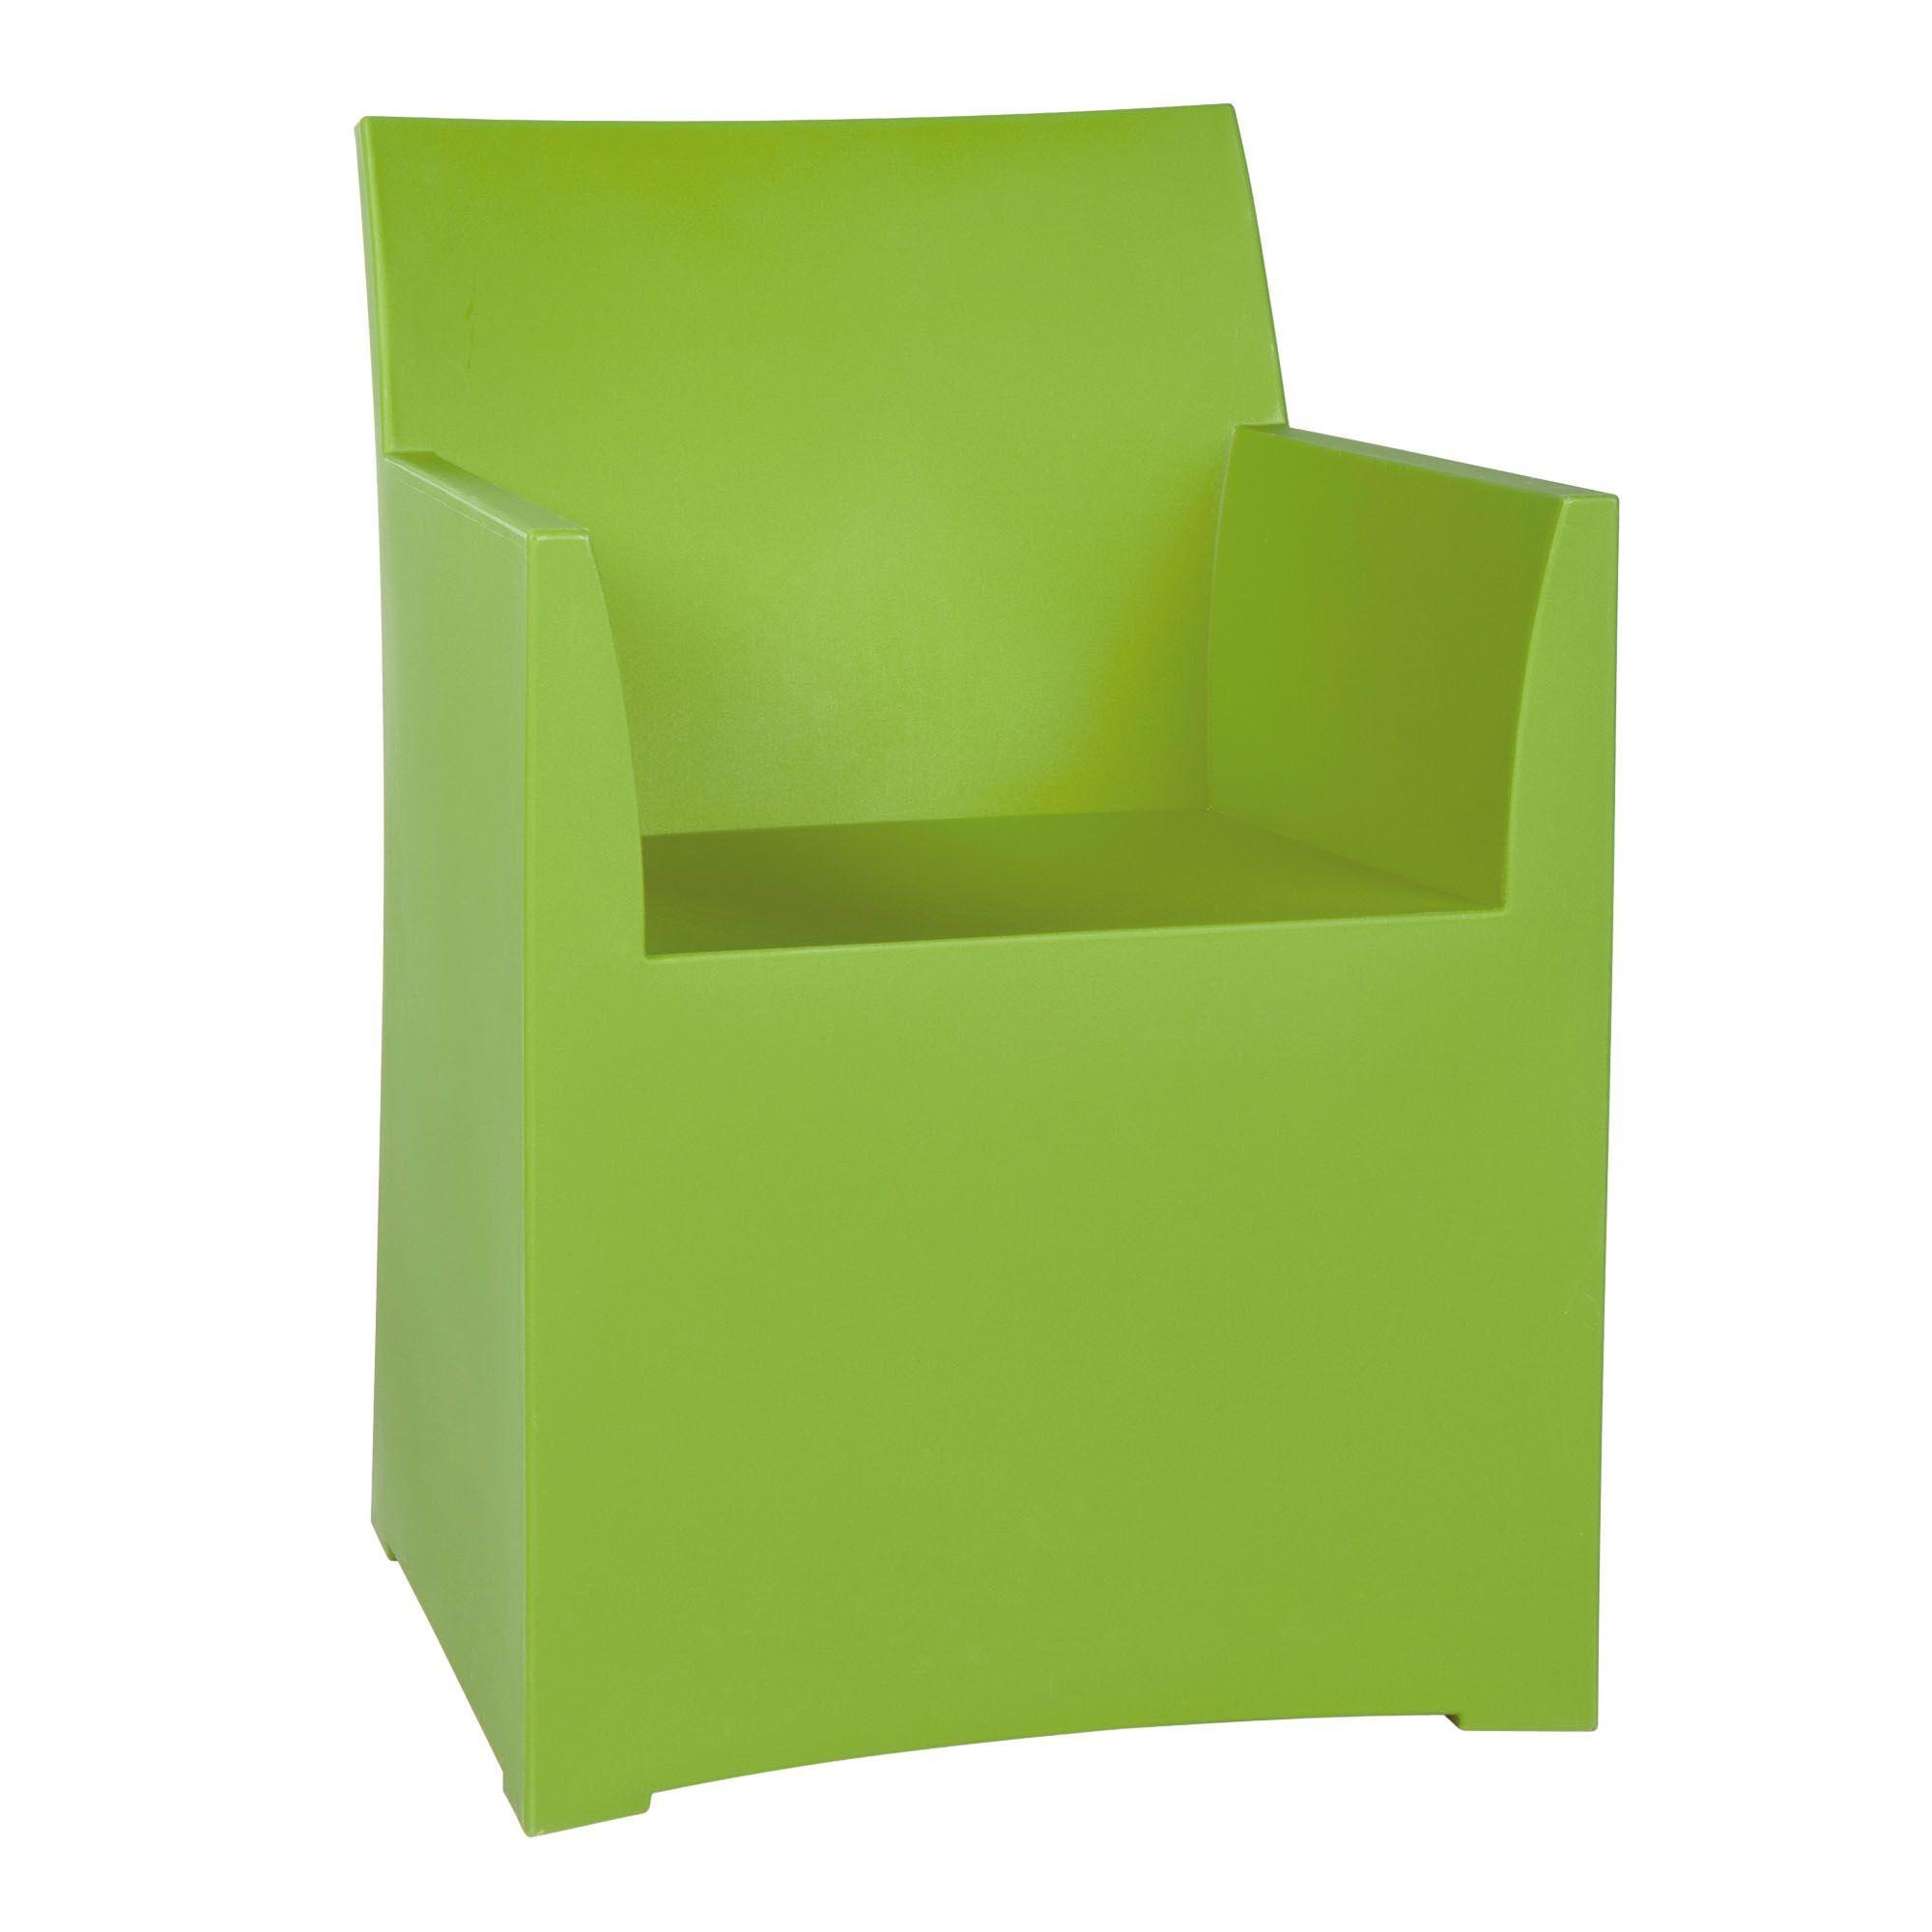 Fauteuil d extérieur en résine vert Vert Naly Les fauteuils de